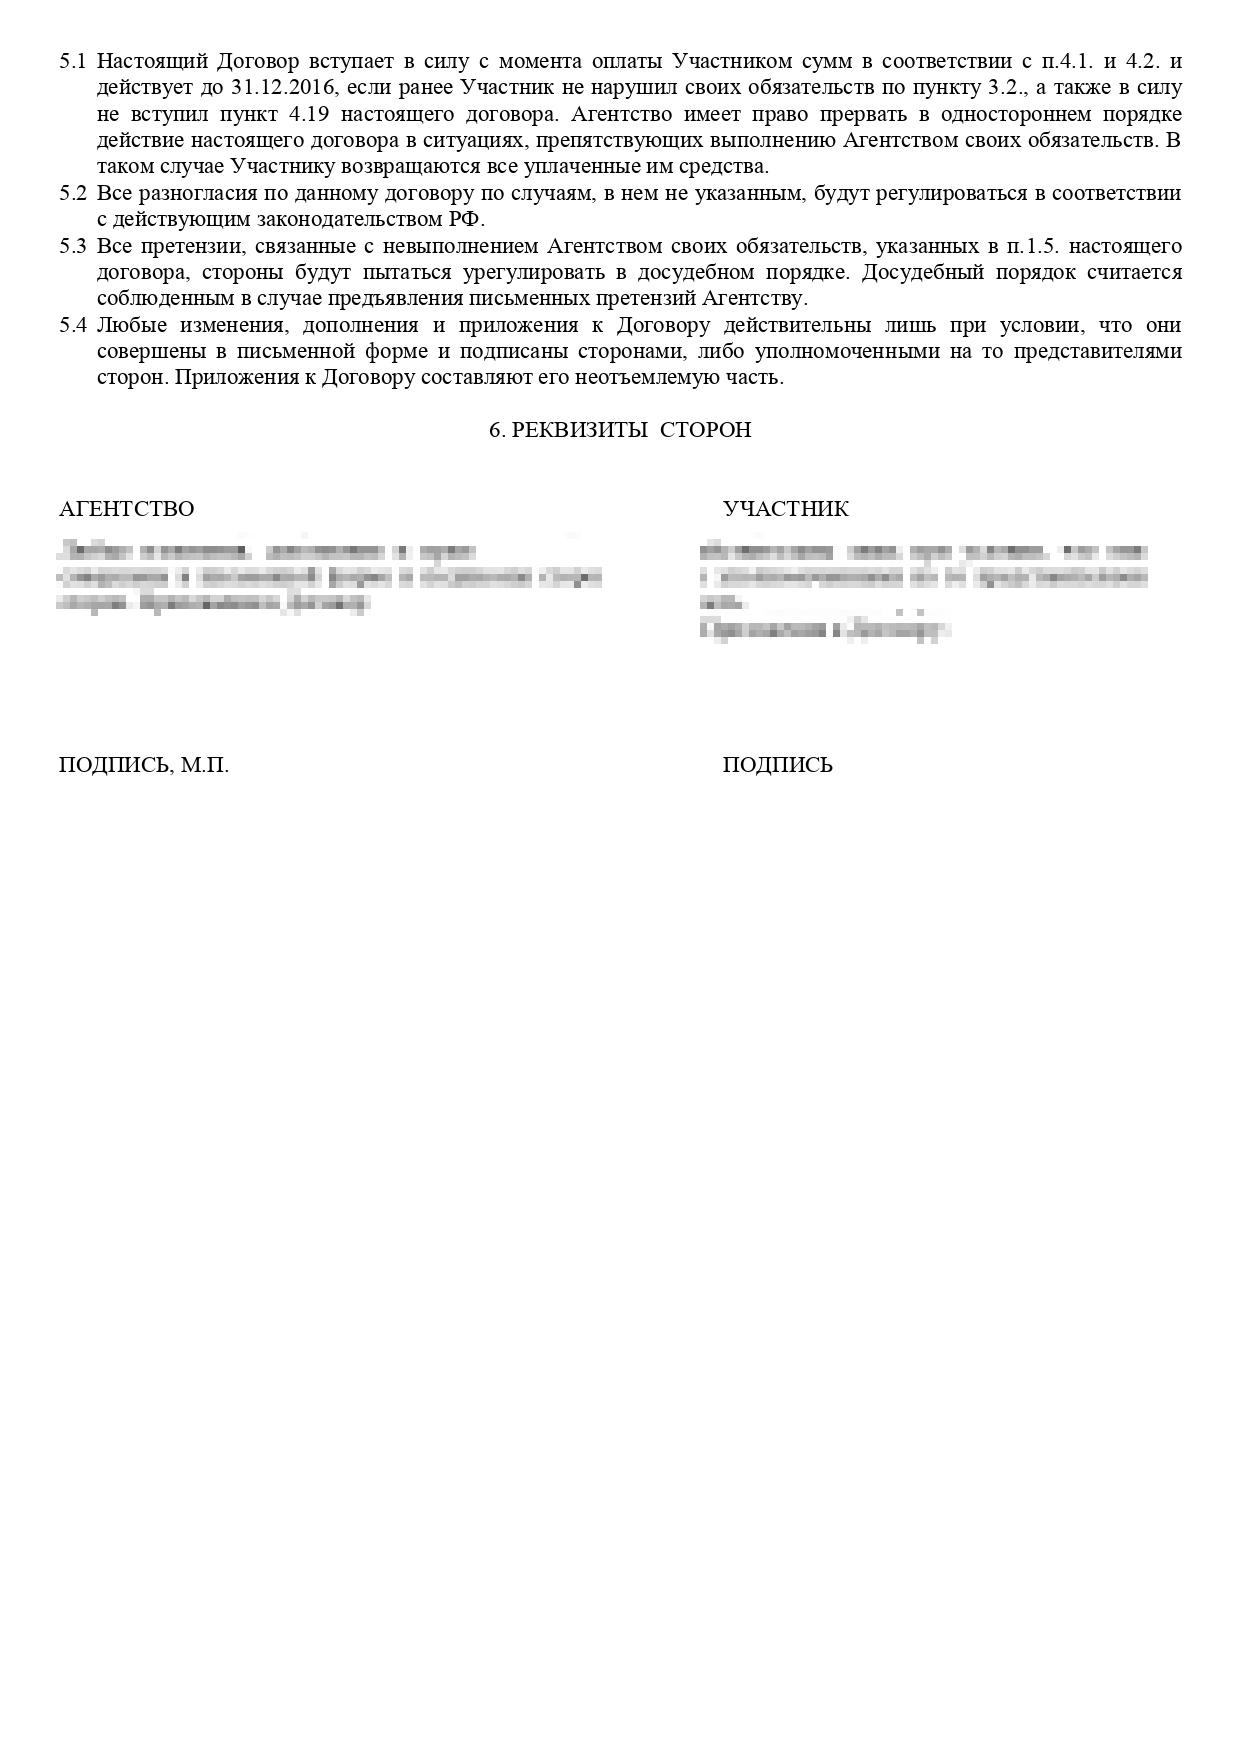 Мой договор на программу «Ворк-энд-тревел» перед поездкой в Буллфрог. Стоимость программы по нему — 1200$